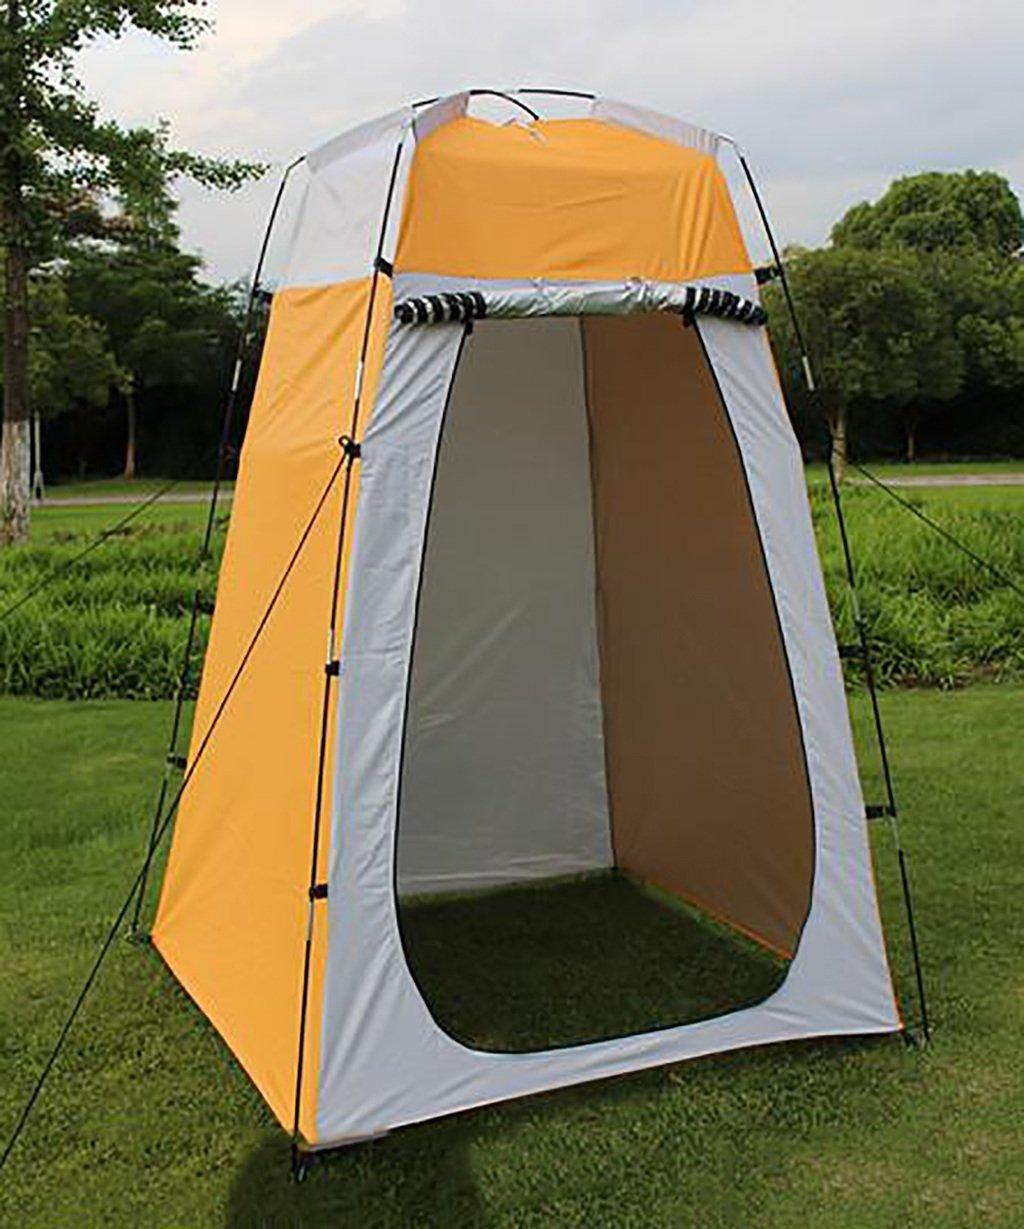 HAIPENG Outdoor Bad Warm Zelte ändern Kleidung Zelt bewegen die Toilette Portable Fishing Camping Zelt gelb + weiß (Farbe : A, größe : 120  120  150cm)